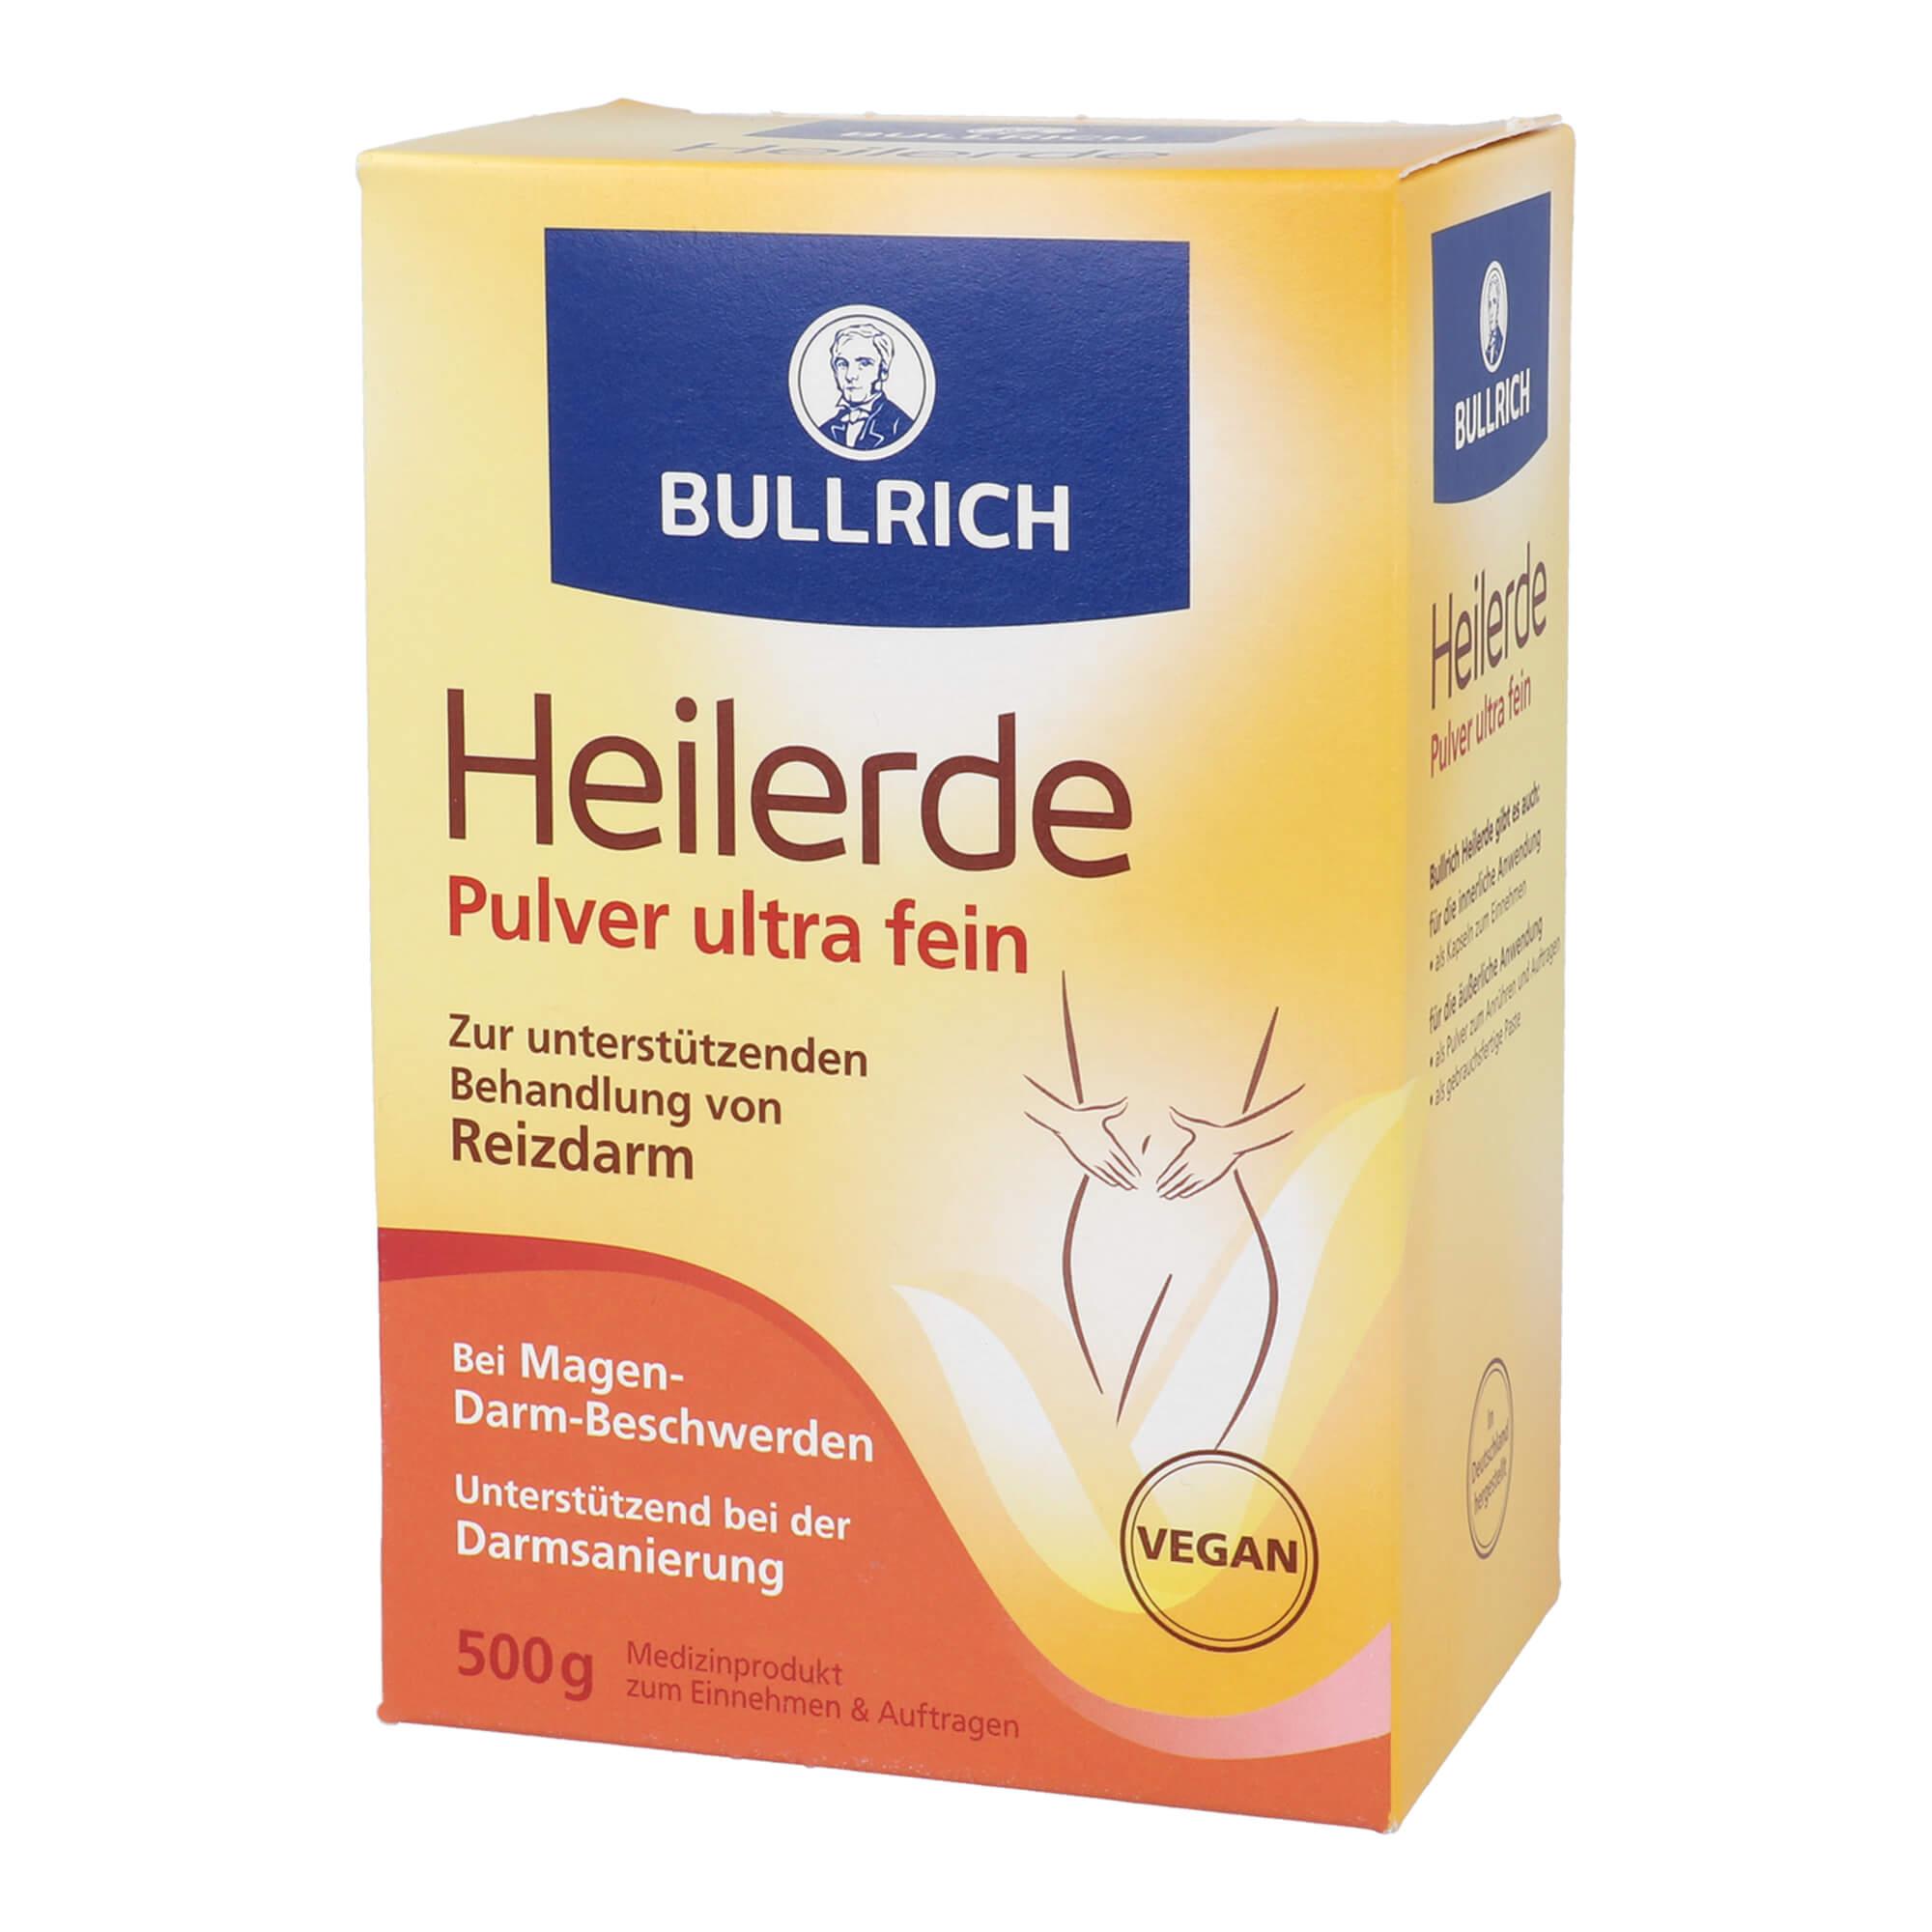 Bullrichs Heilerde Pulver zum Einnehmen und Auftragen